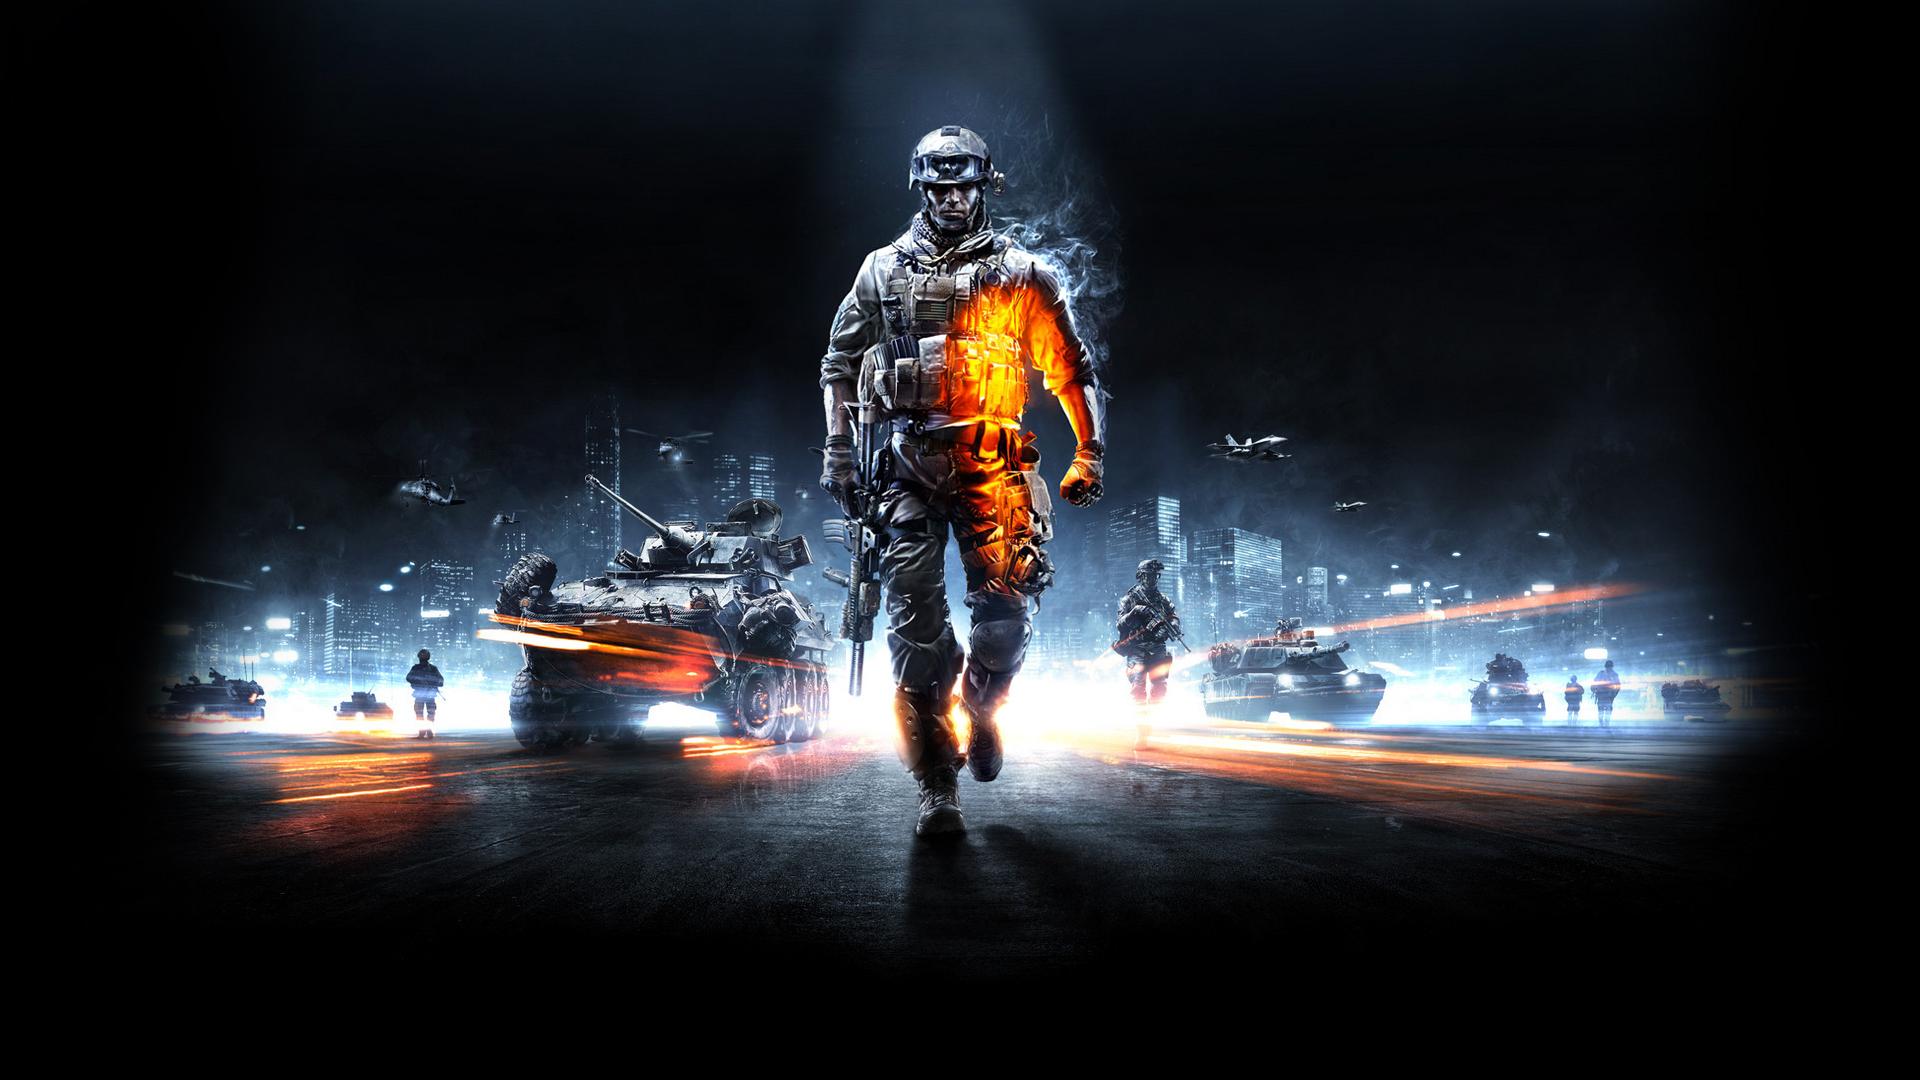 射击类主机游戏进军网游已具备了相当强的冲击力